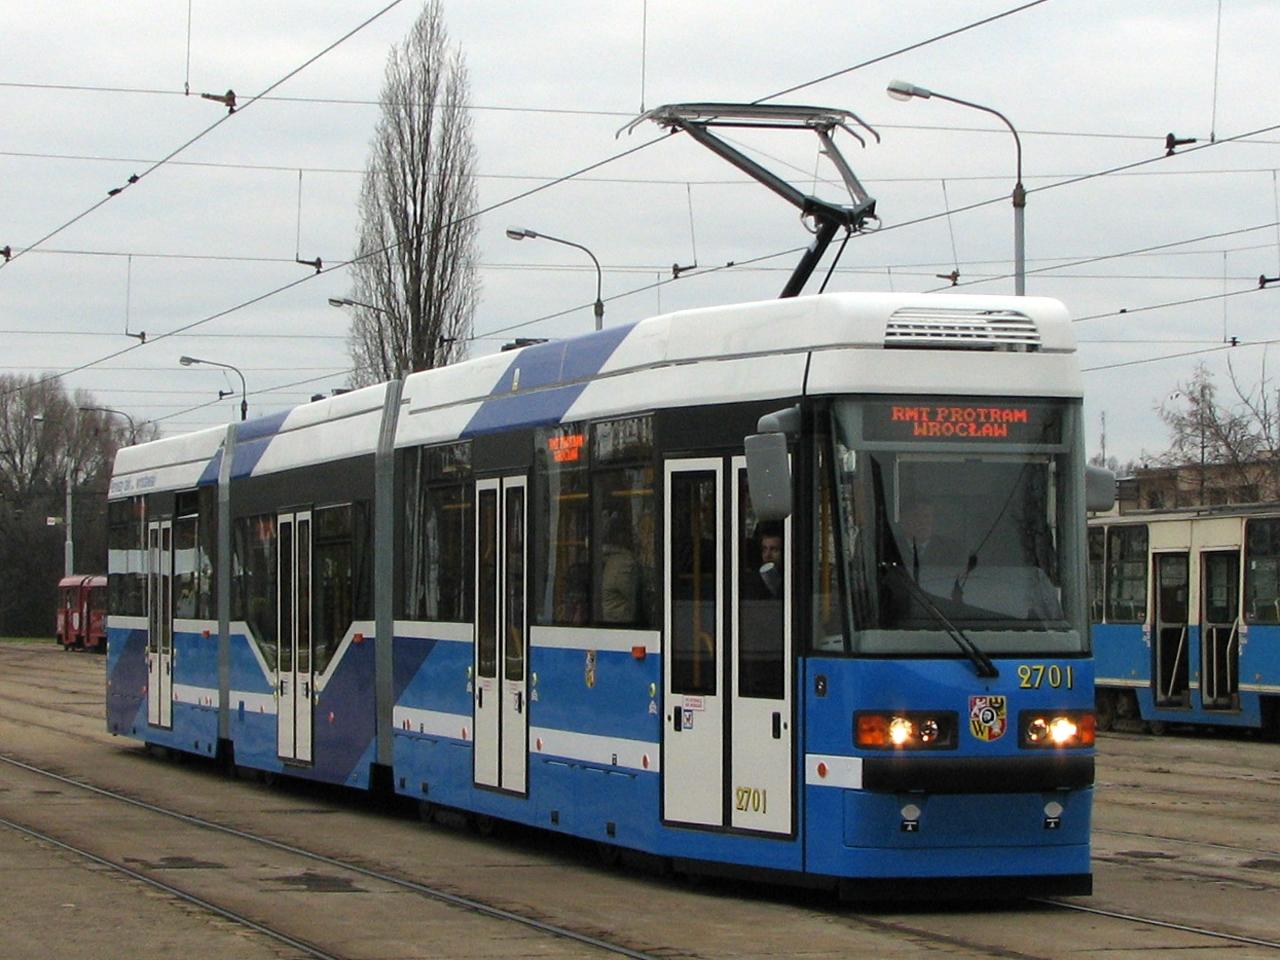 File:205WrAs Wroclaw 2701.jpg